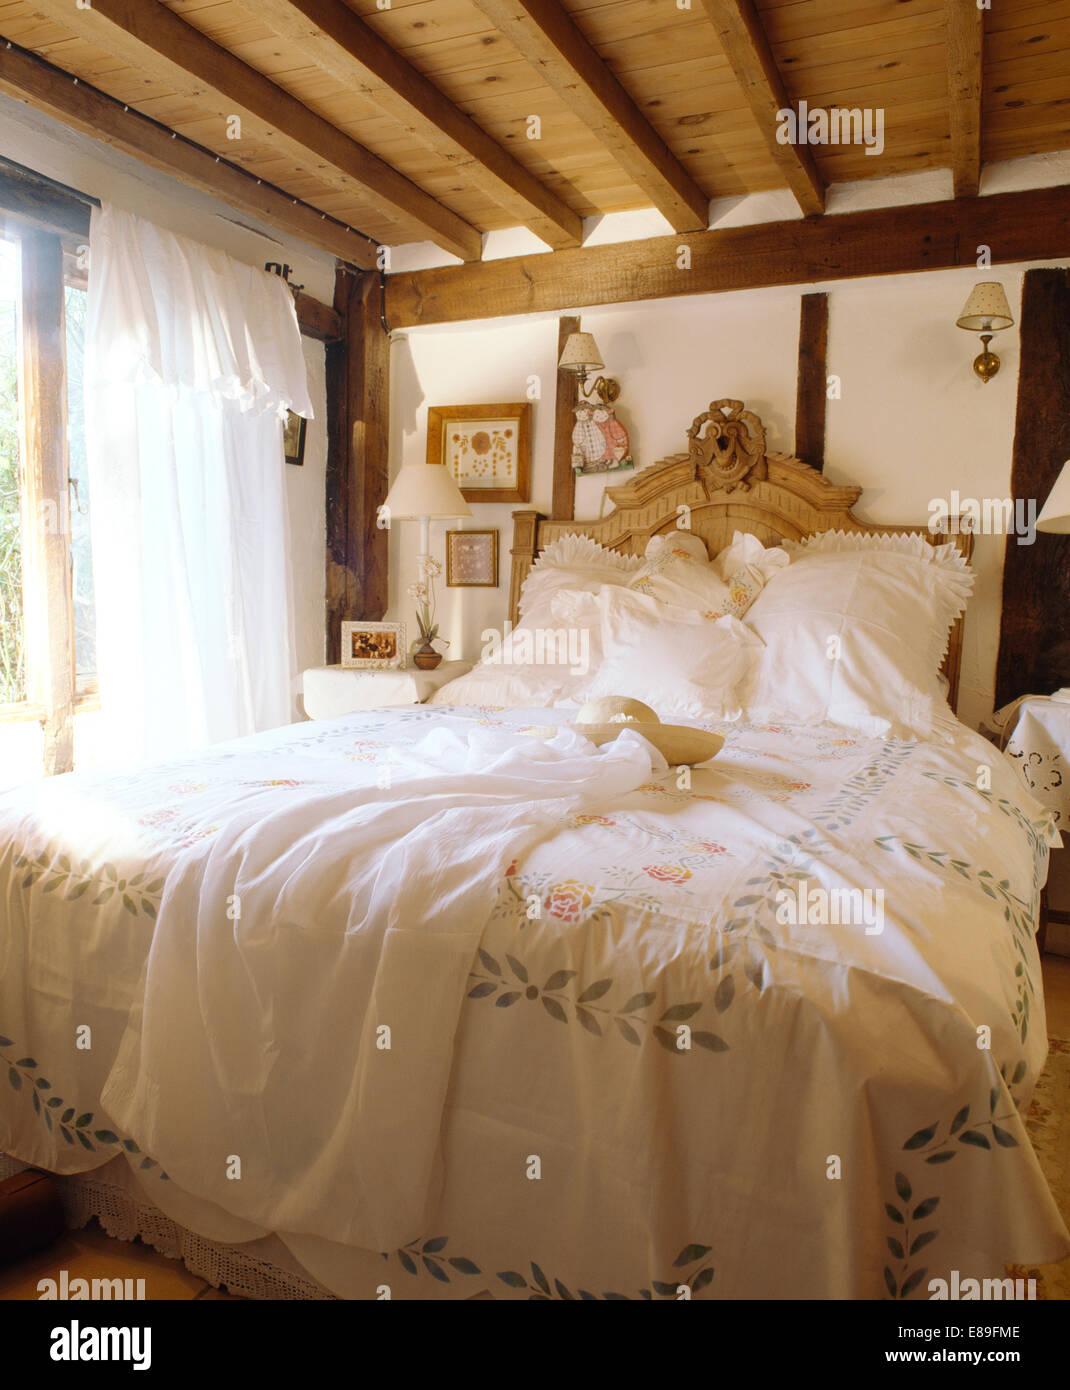 Schablone weißen Bettdecke auf geschnitzten Kiefer-Bett im ...